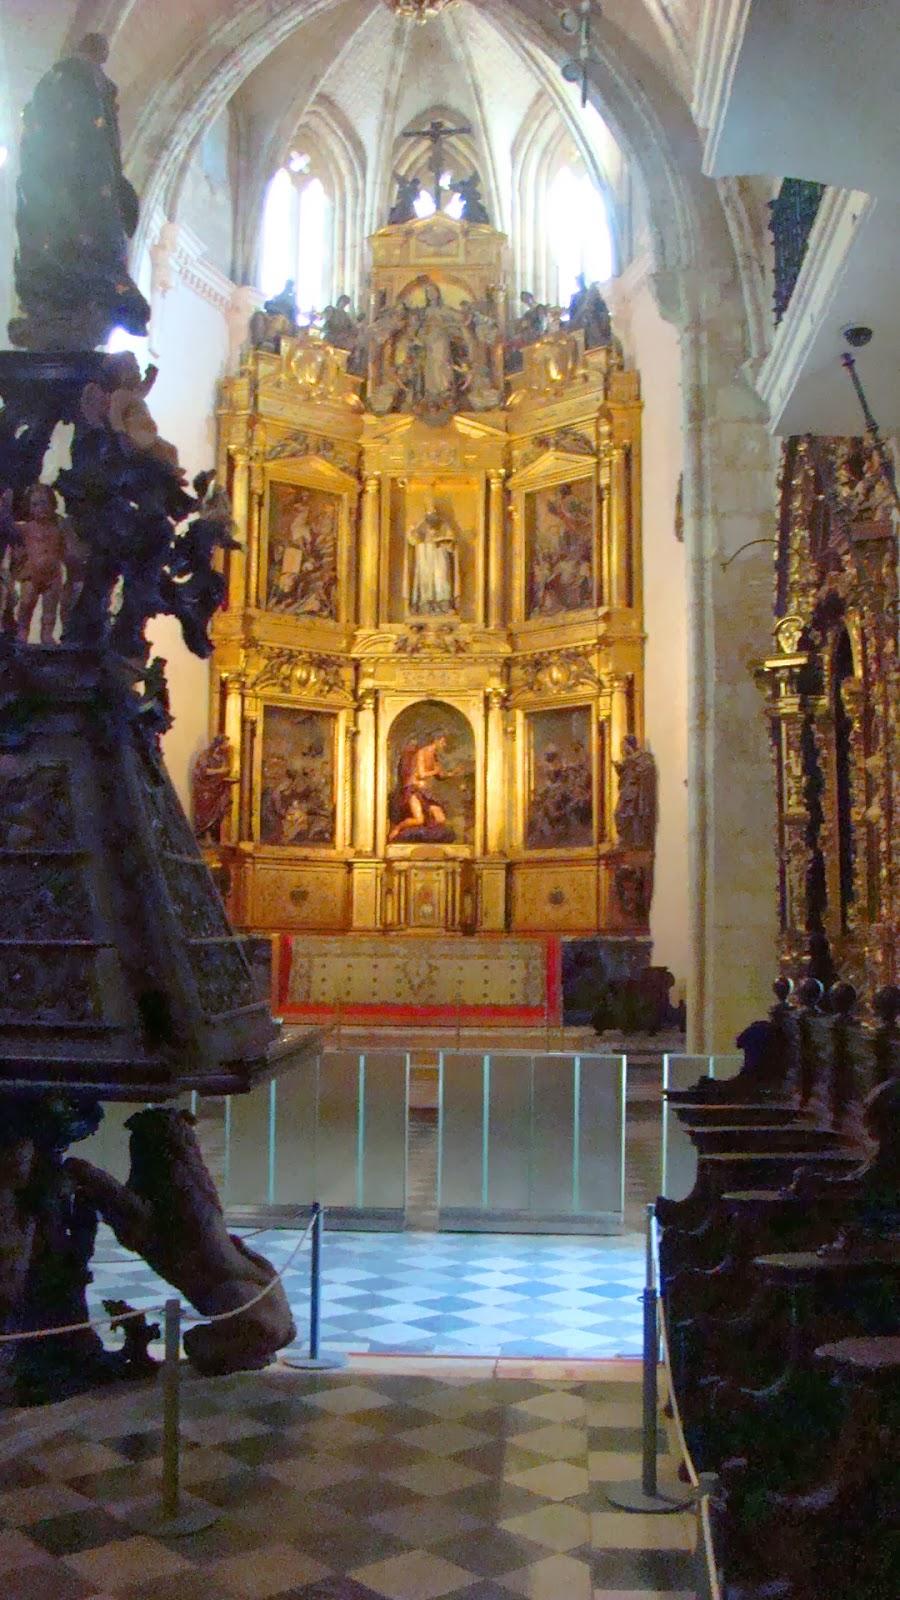 Monasterio San Isidoro del Campo ©Candela Vizcaíno, todos los derechos